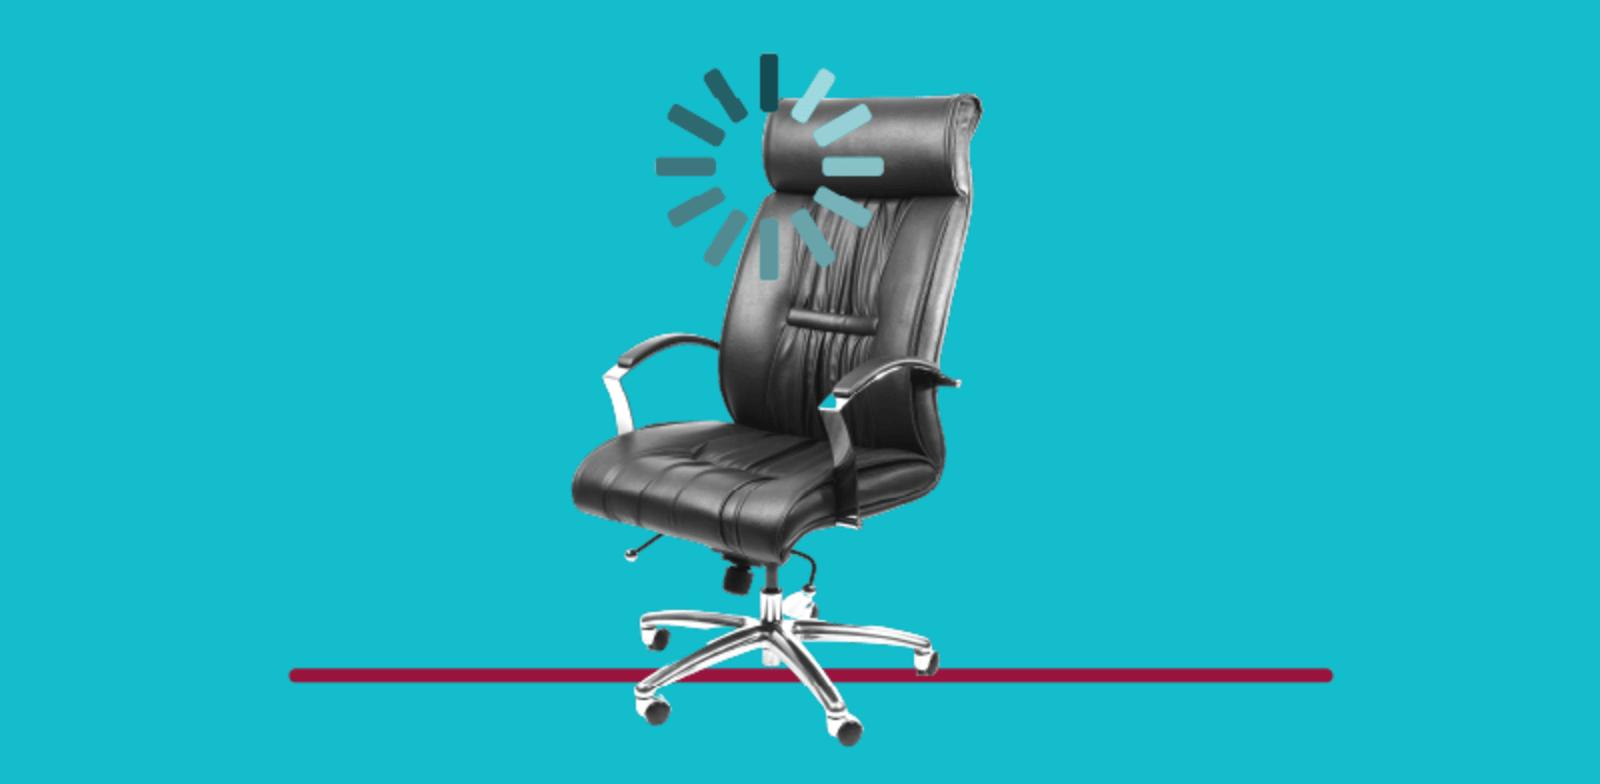 לאן נעלם המנהל ברגע האמת? / צילום: Shutterstock